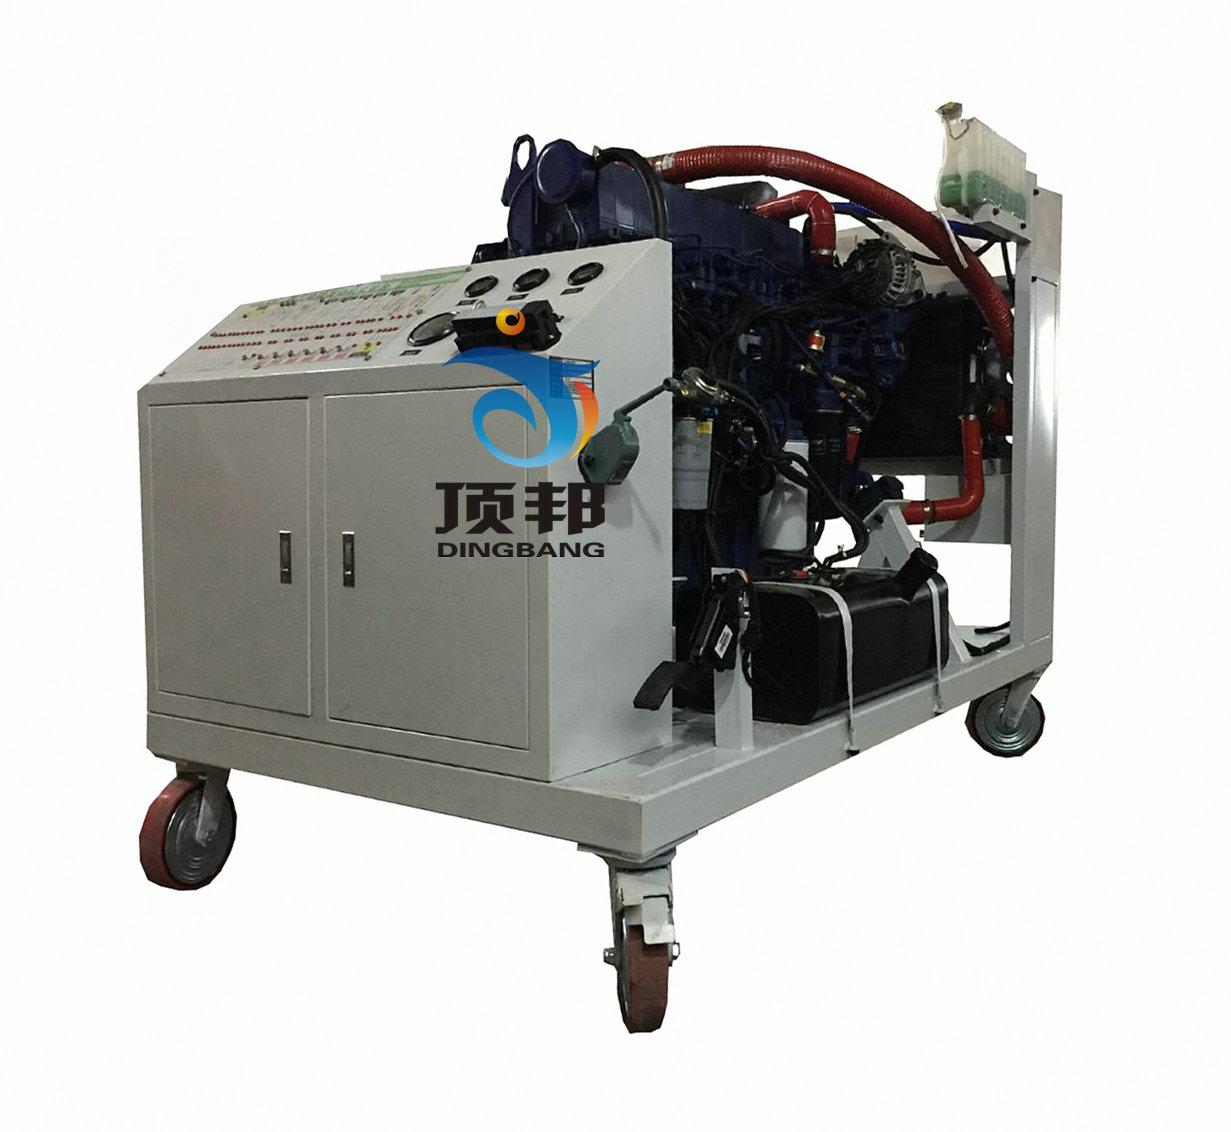 潍柴WP7电喷发动机实验台